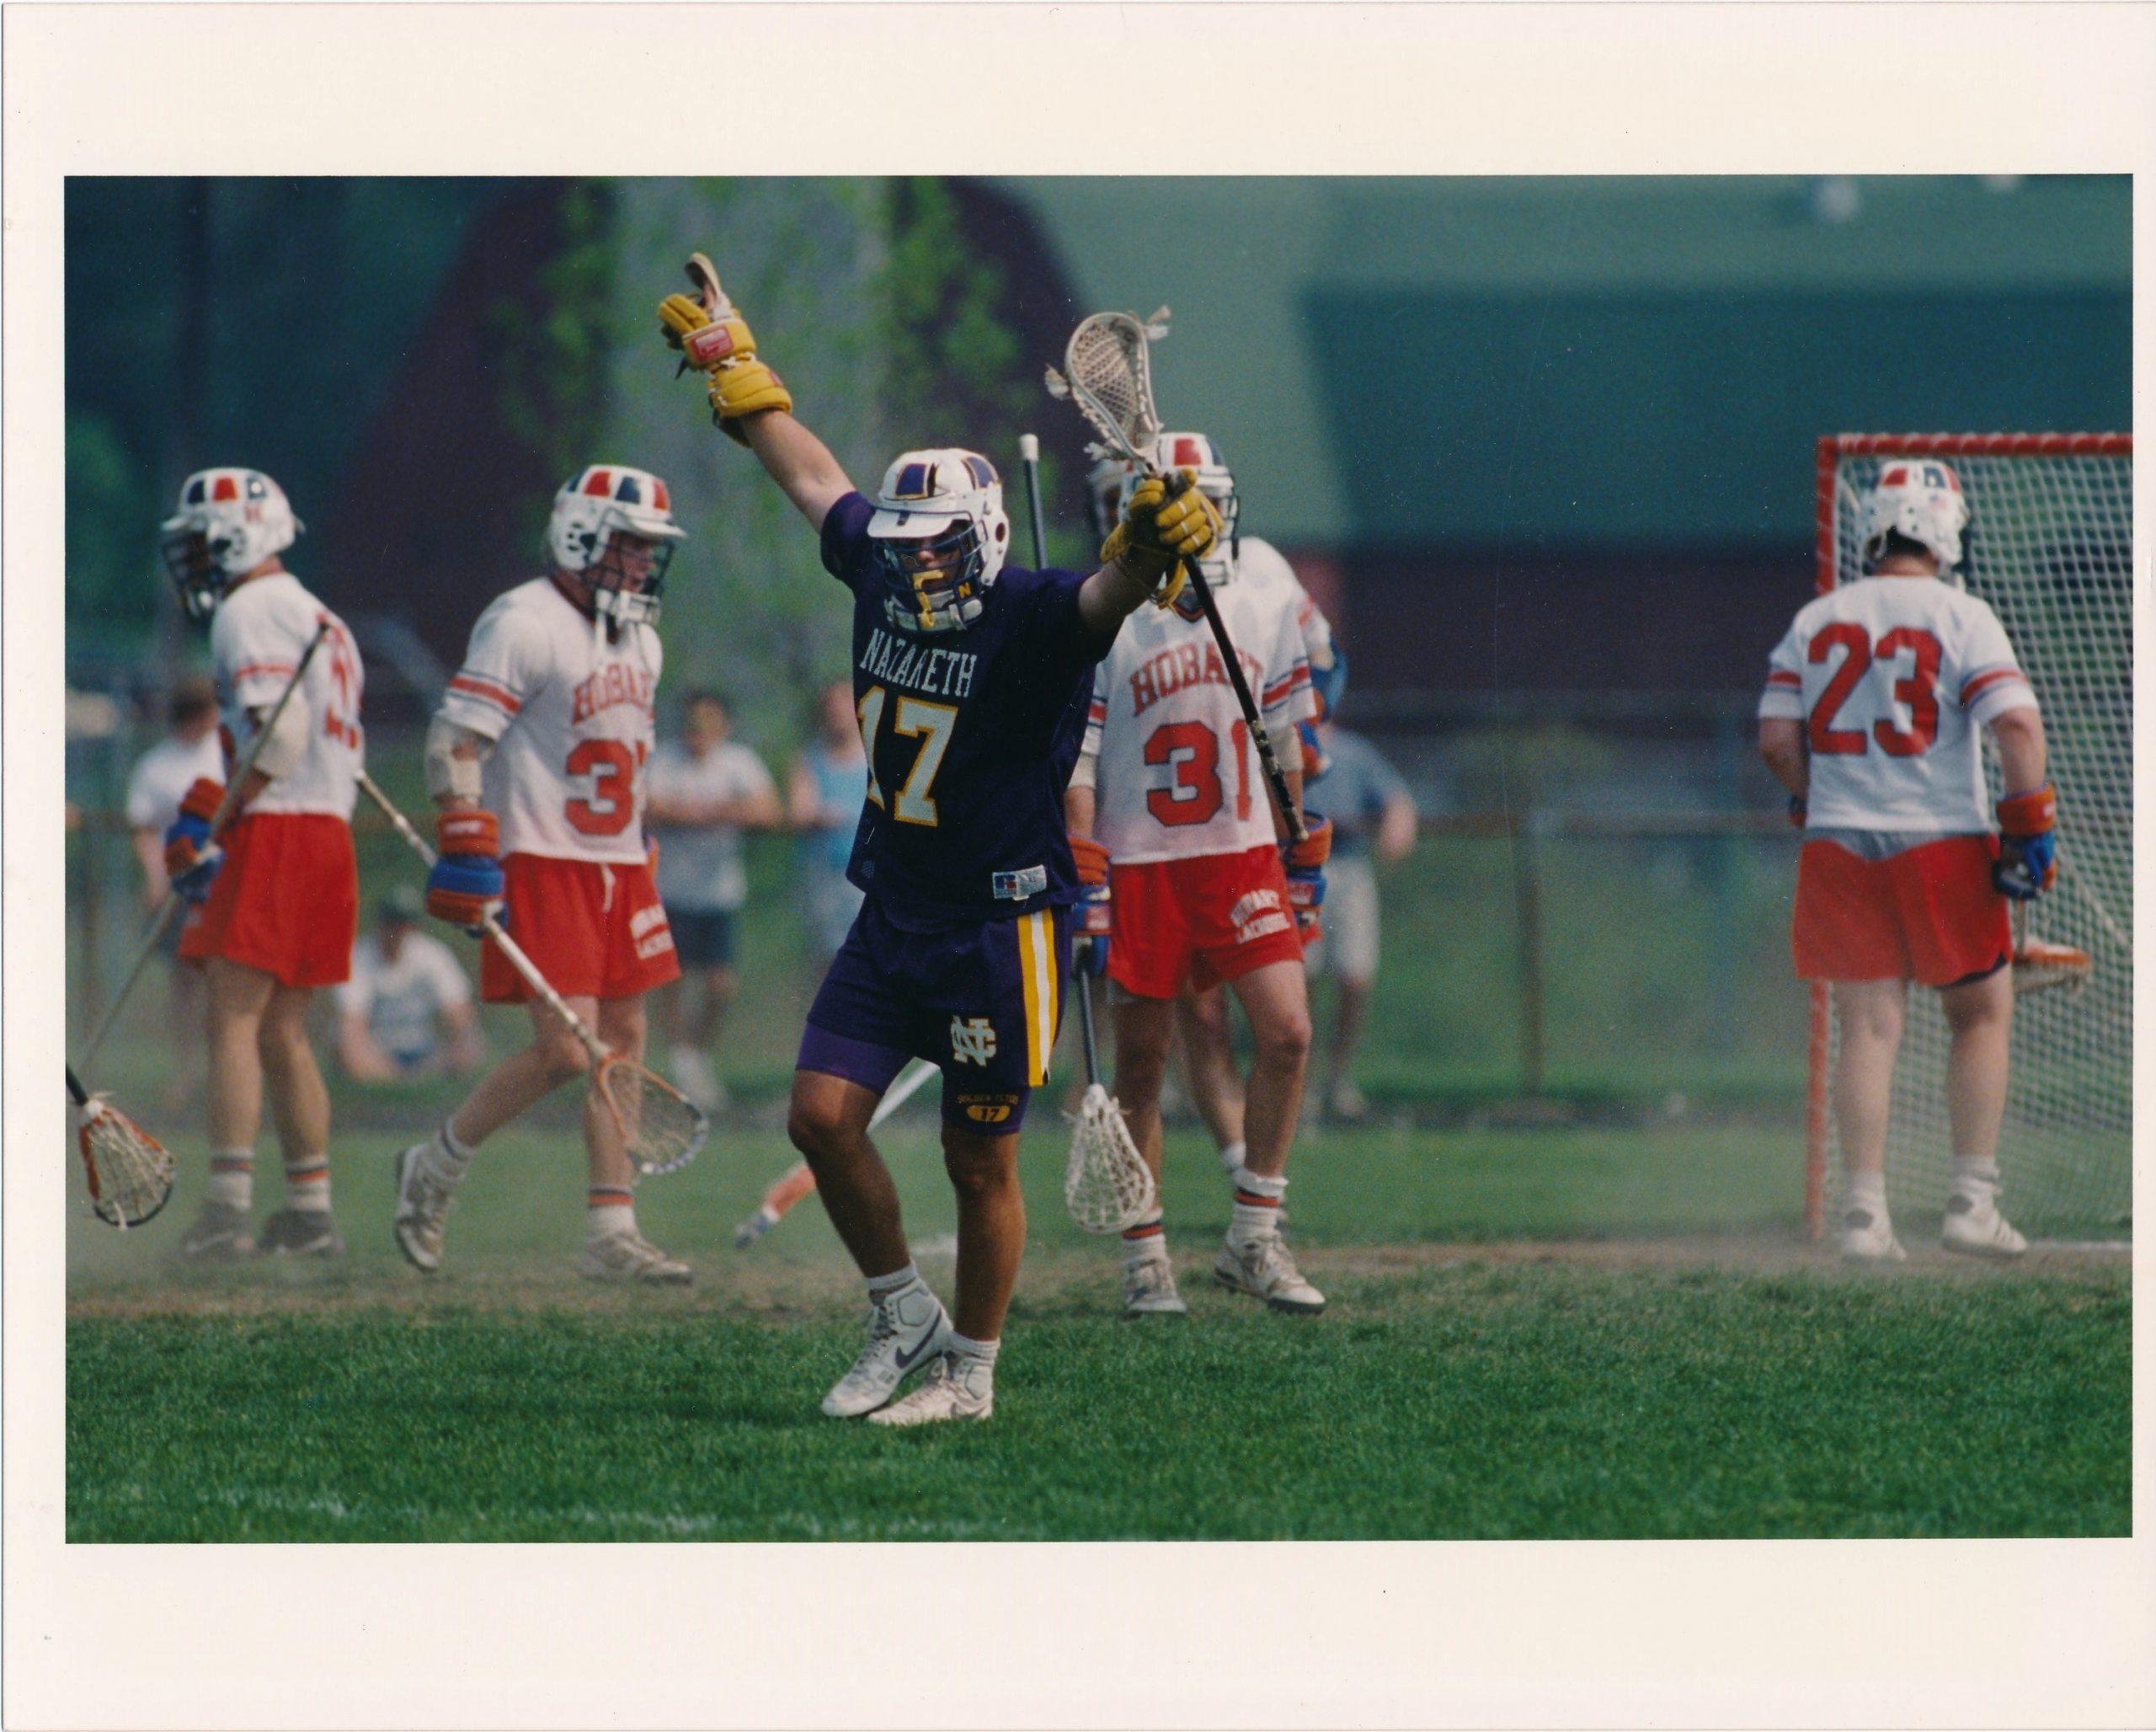 Carl Jutzin - Sweetlax Lacrosse-2021 Indiana Deer Season